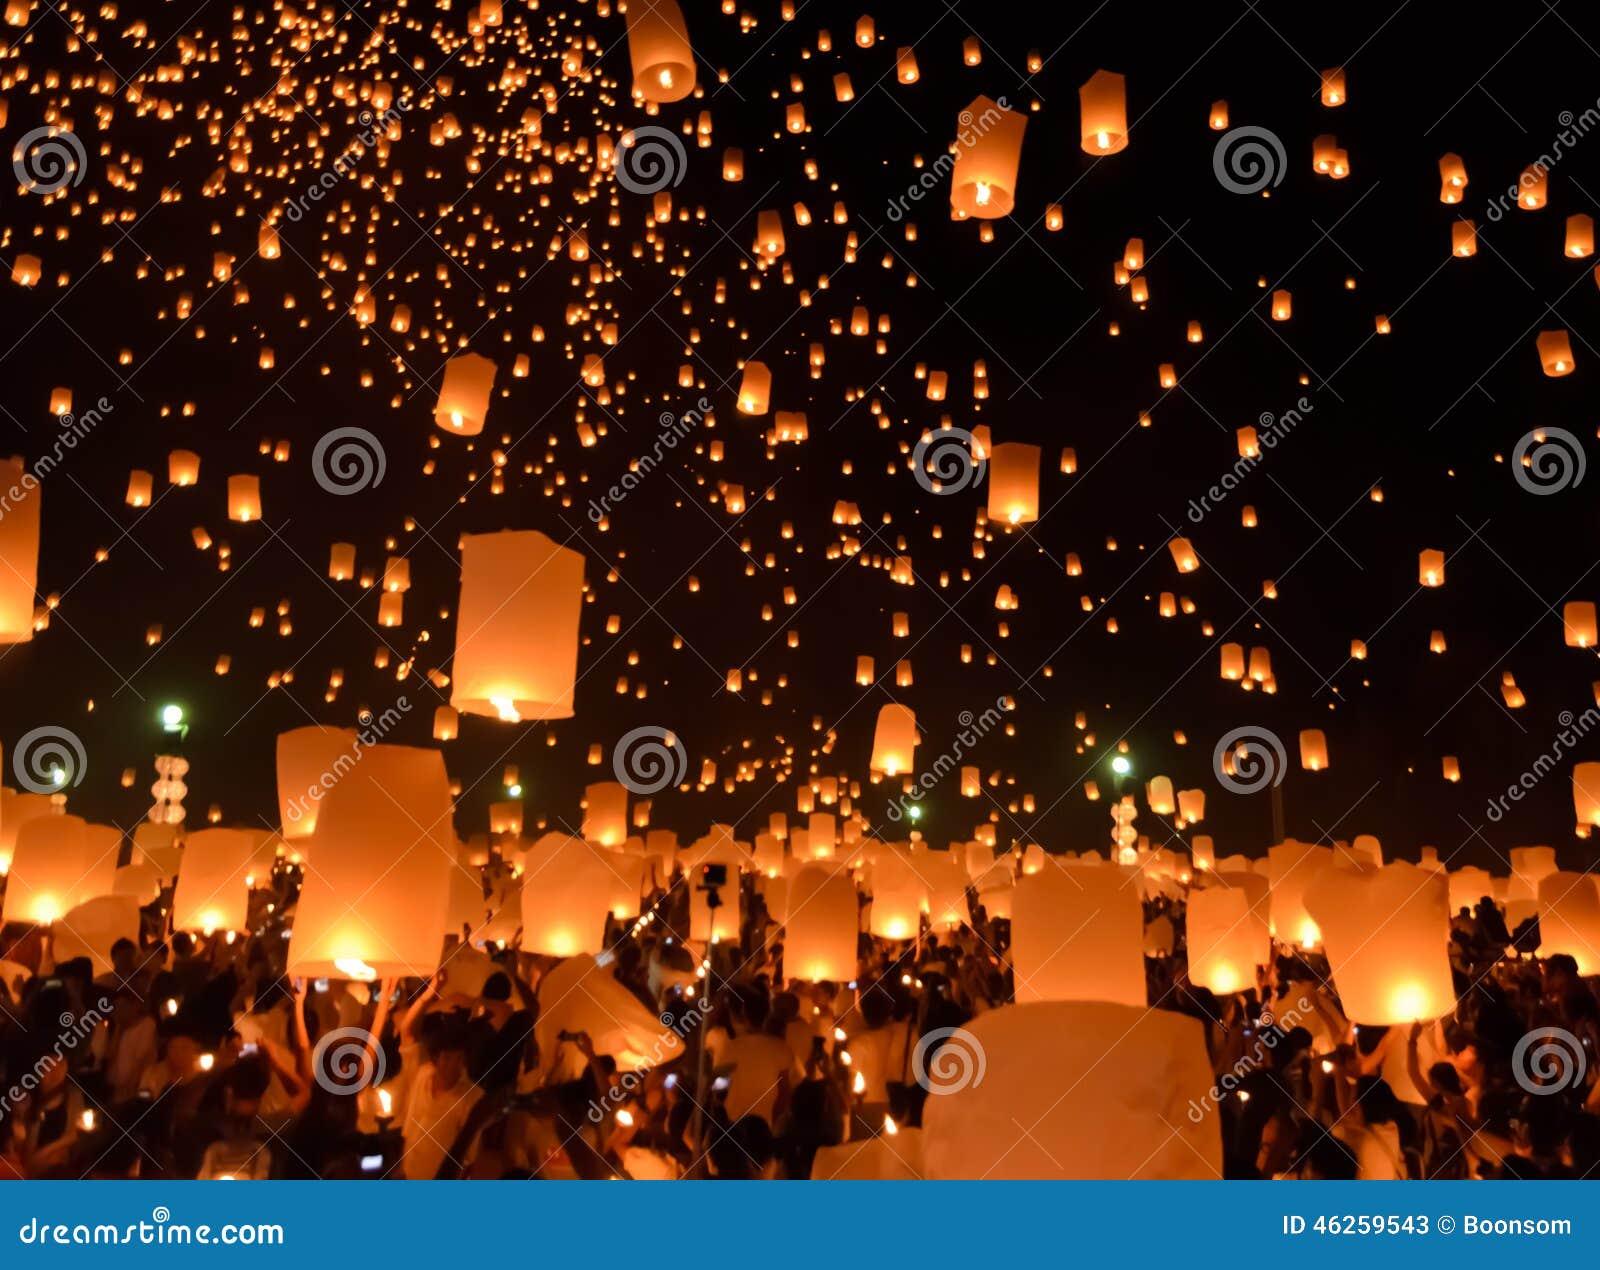 Festival de linternas del cielo o festival de Yi Peng en Chiang Mai, Tailandia